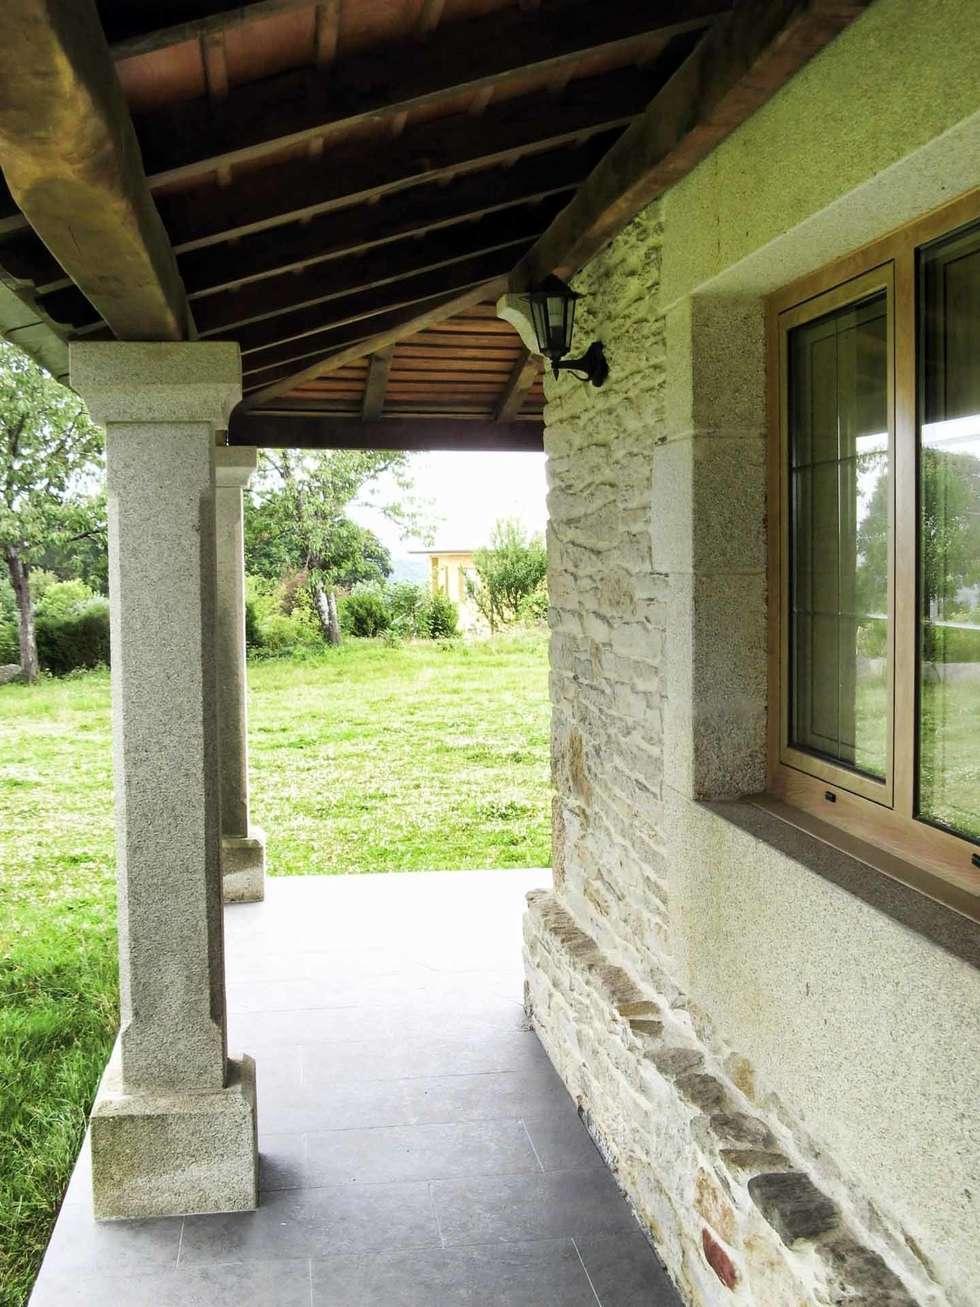 Fotos De Decoraci N Y Dise O De Interiores Homify ~ Rehabilitacion De Casas Rurales